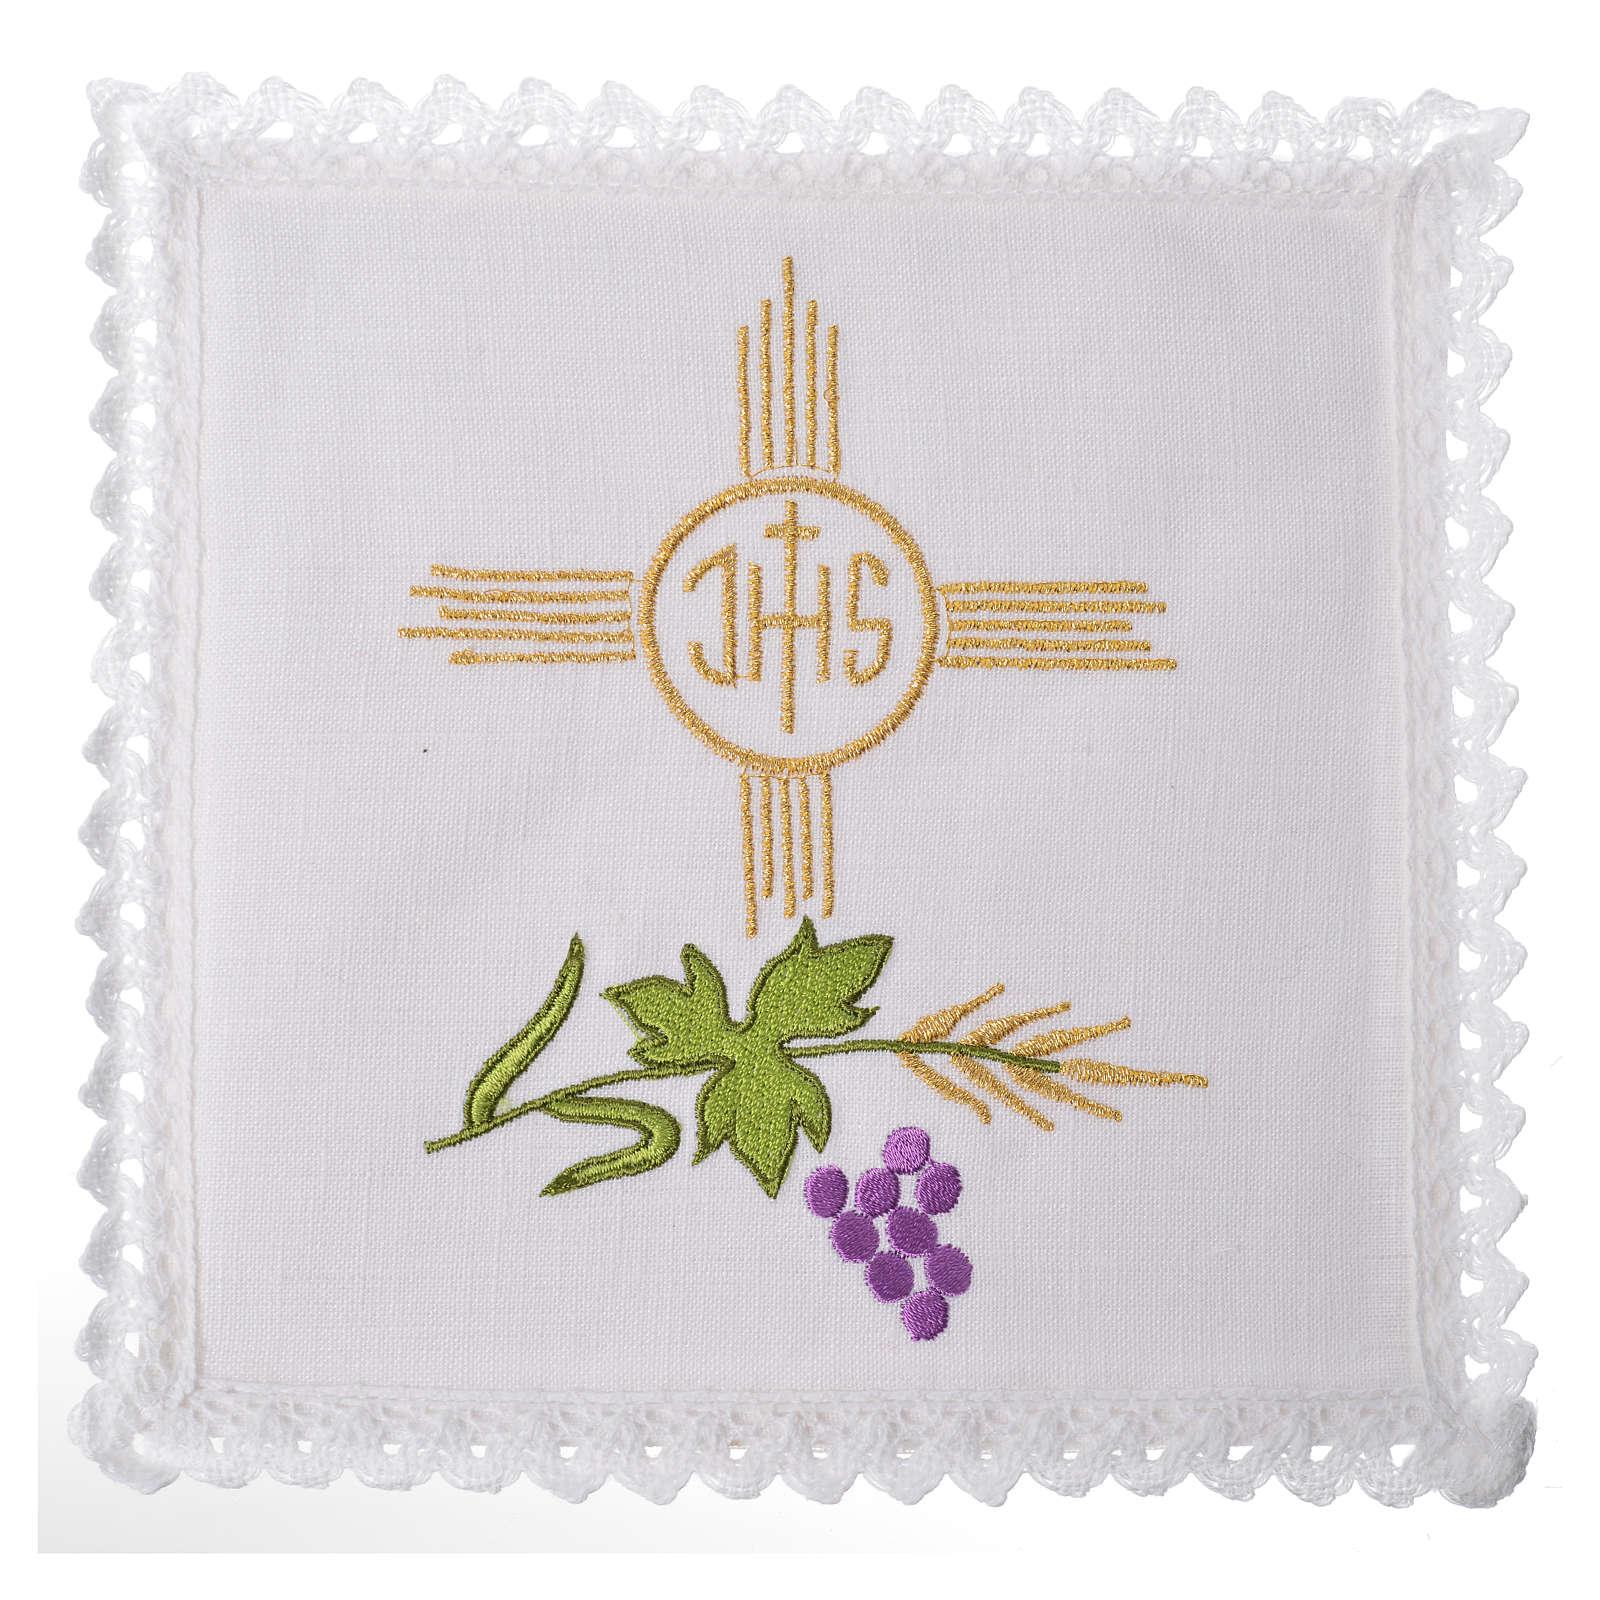 Linge d'autel IHS et raisin 100% lin 4